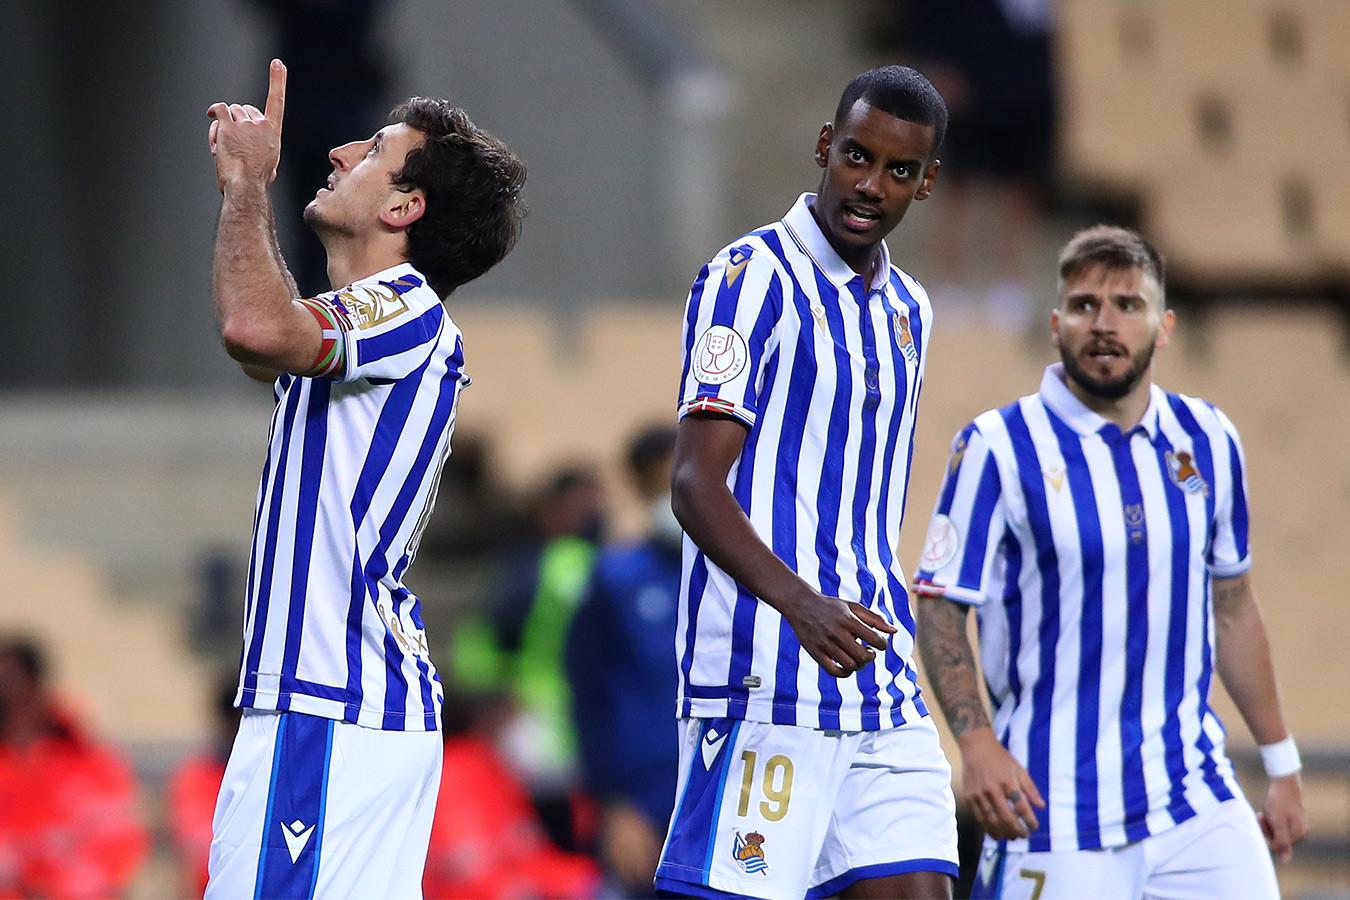 «Реал Сосьедад» обыграл «Атлетик» и завоевал Кубок Испании сезона-2019/2020